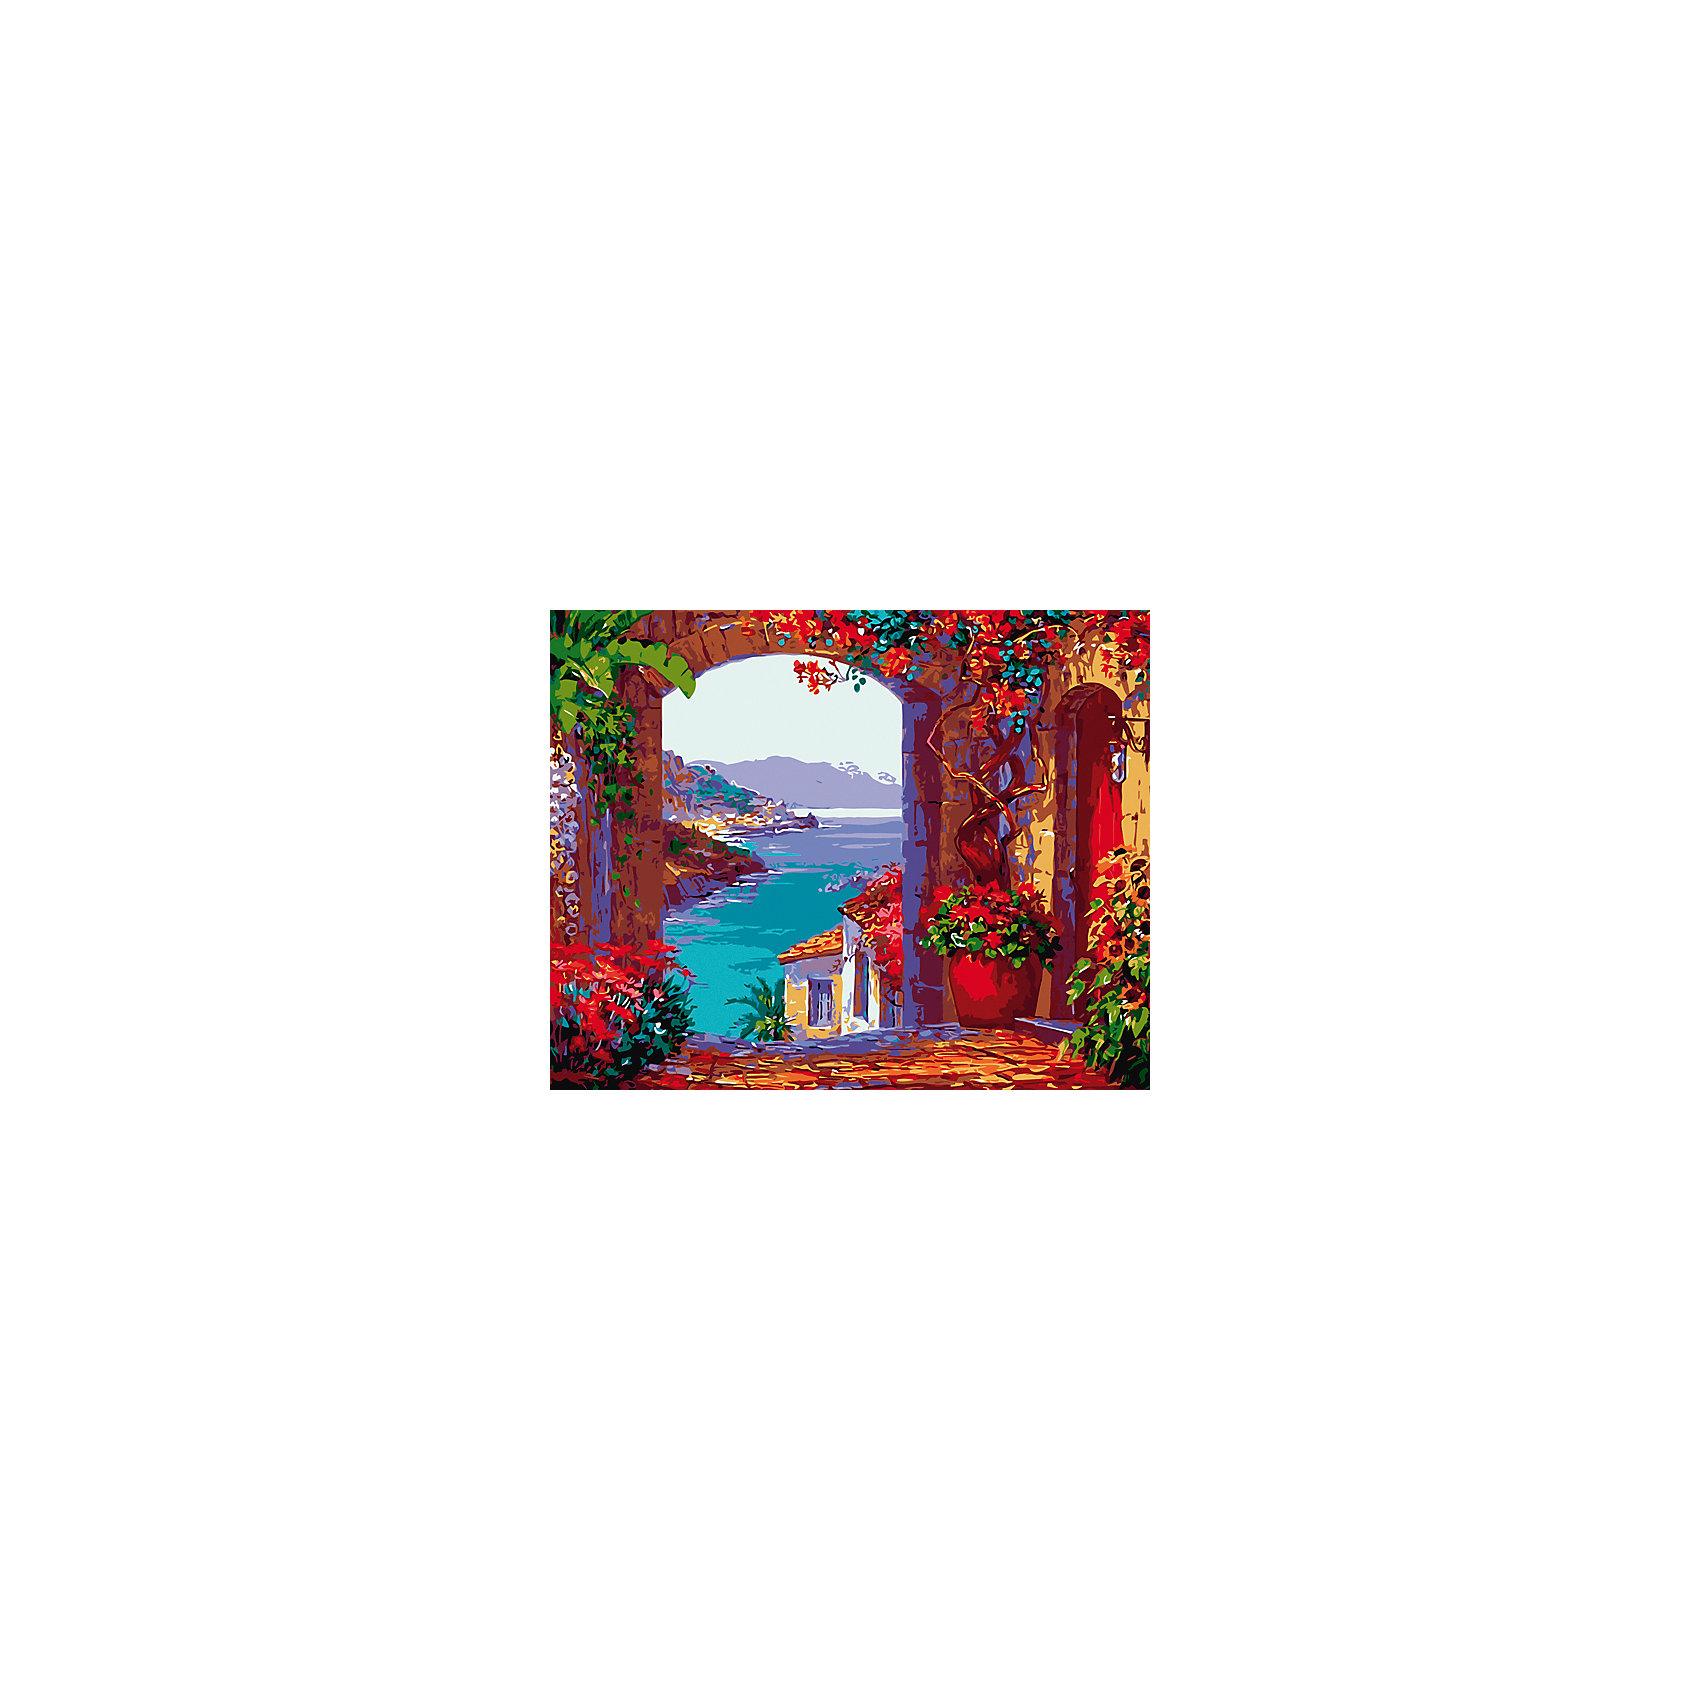 Холст с красками по номерам Романтичный вид на море 40х50 смРисование<br>замечательные наборы для создания уникального шедевра изобразительного искусства. Создание картин на специально подготовленной рабочей поверхности – это уникальная техника, позволяющая делать Ваши шедевры более яркими и реалистичными. Просто нанесите мазки на уже готовый эскиз и оживите картину! Готовые изделия могут стать украшением интерьера или прекрасным подарком близким и друзьям.<br><br>Ширина мм: 510<br>Глубина мм: 410<br>Высота мм: 25<br>Вес г: 900<br>Возраст от месяцев: 36<br>Возраст до месяцев: 108<br>Пол: Унисекс<br>Возраст: Детский<br>SKU: 5096783